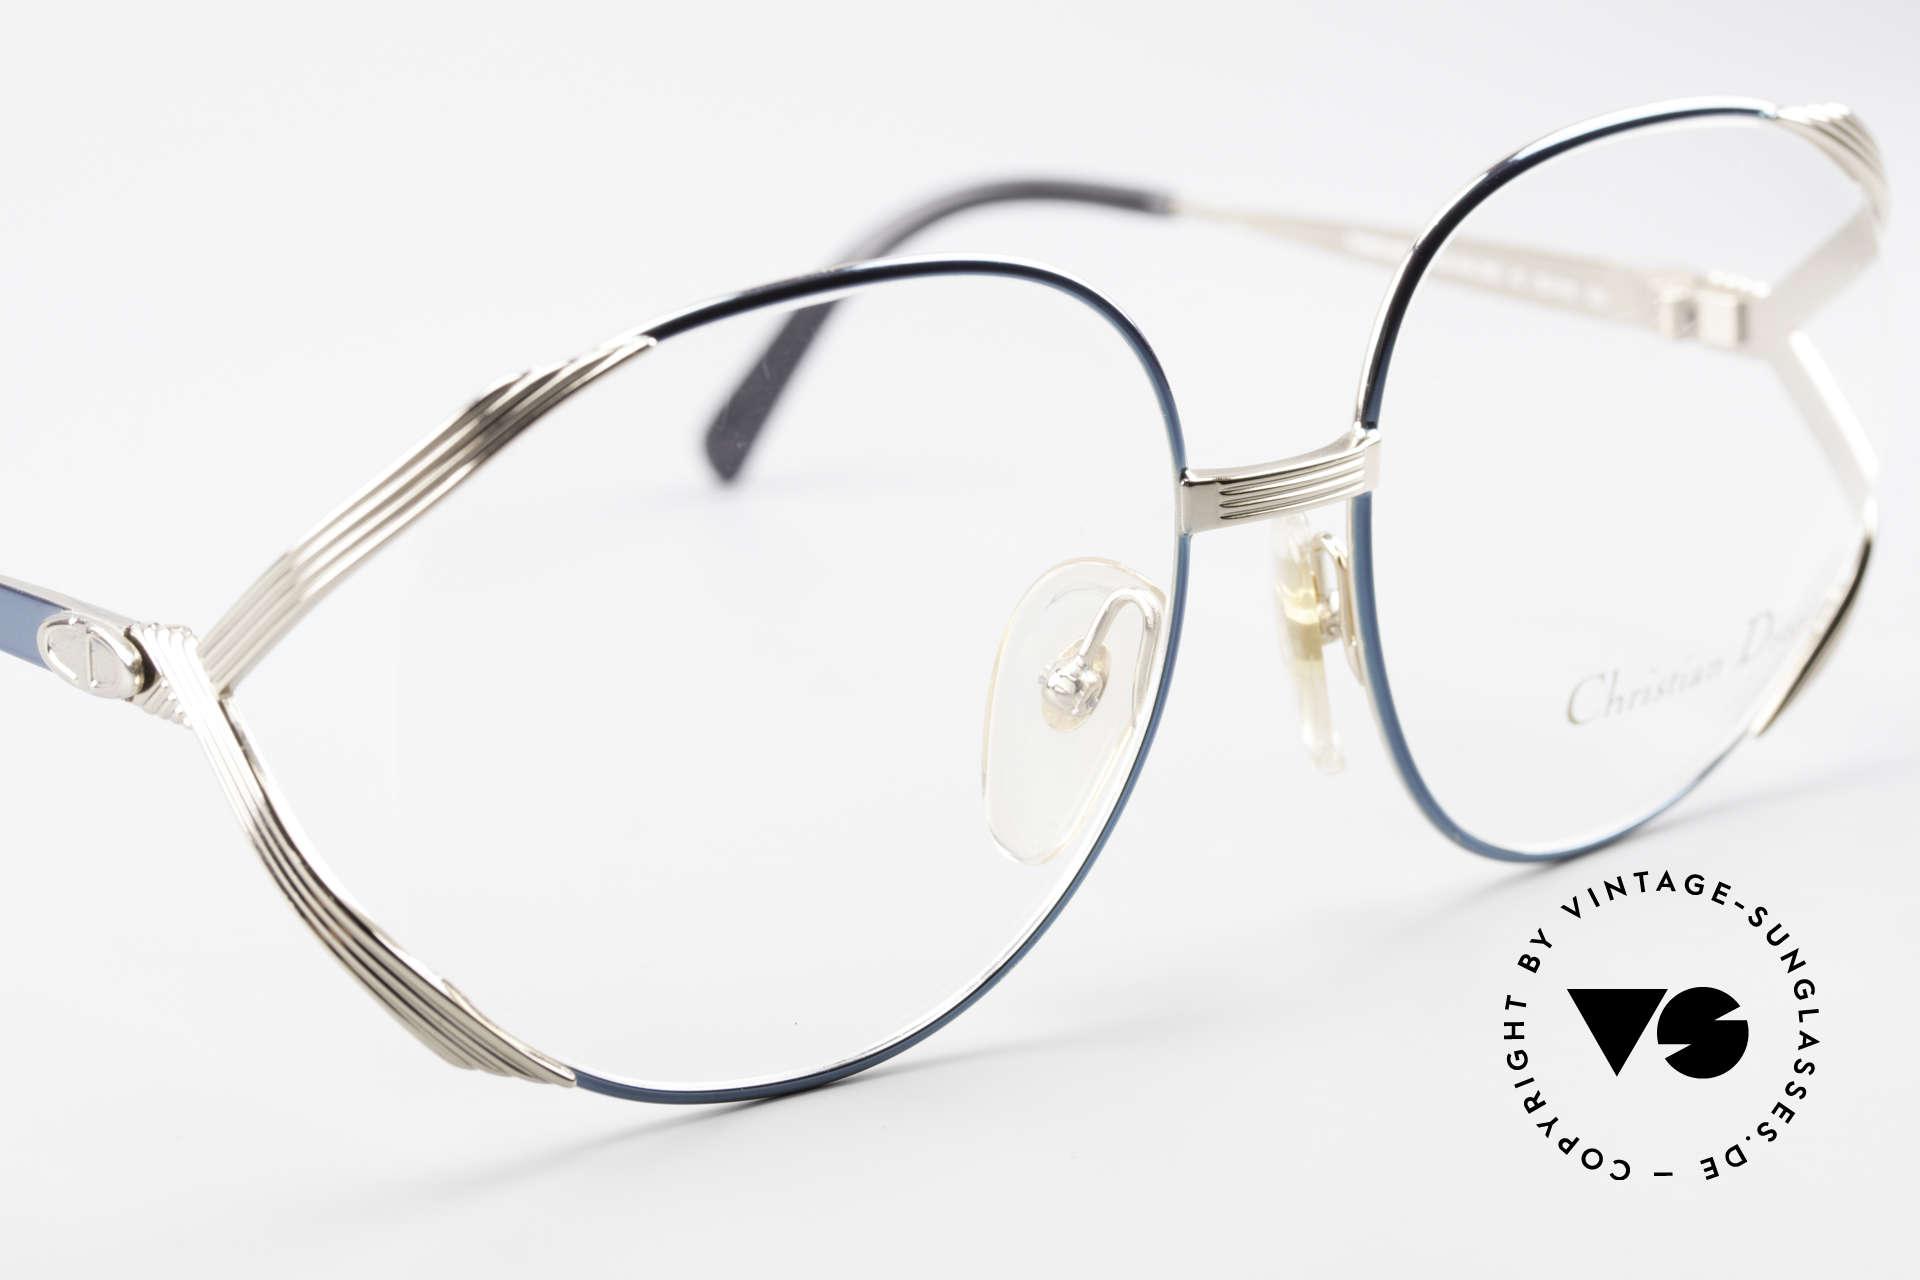 Christian Dior 2387 Damen Vintage Brille Rarität, KEINE Retro Brille; ein seltenes vintage Original!, Passend für Damen